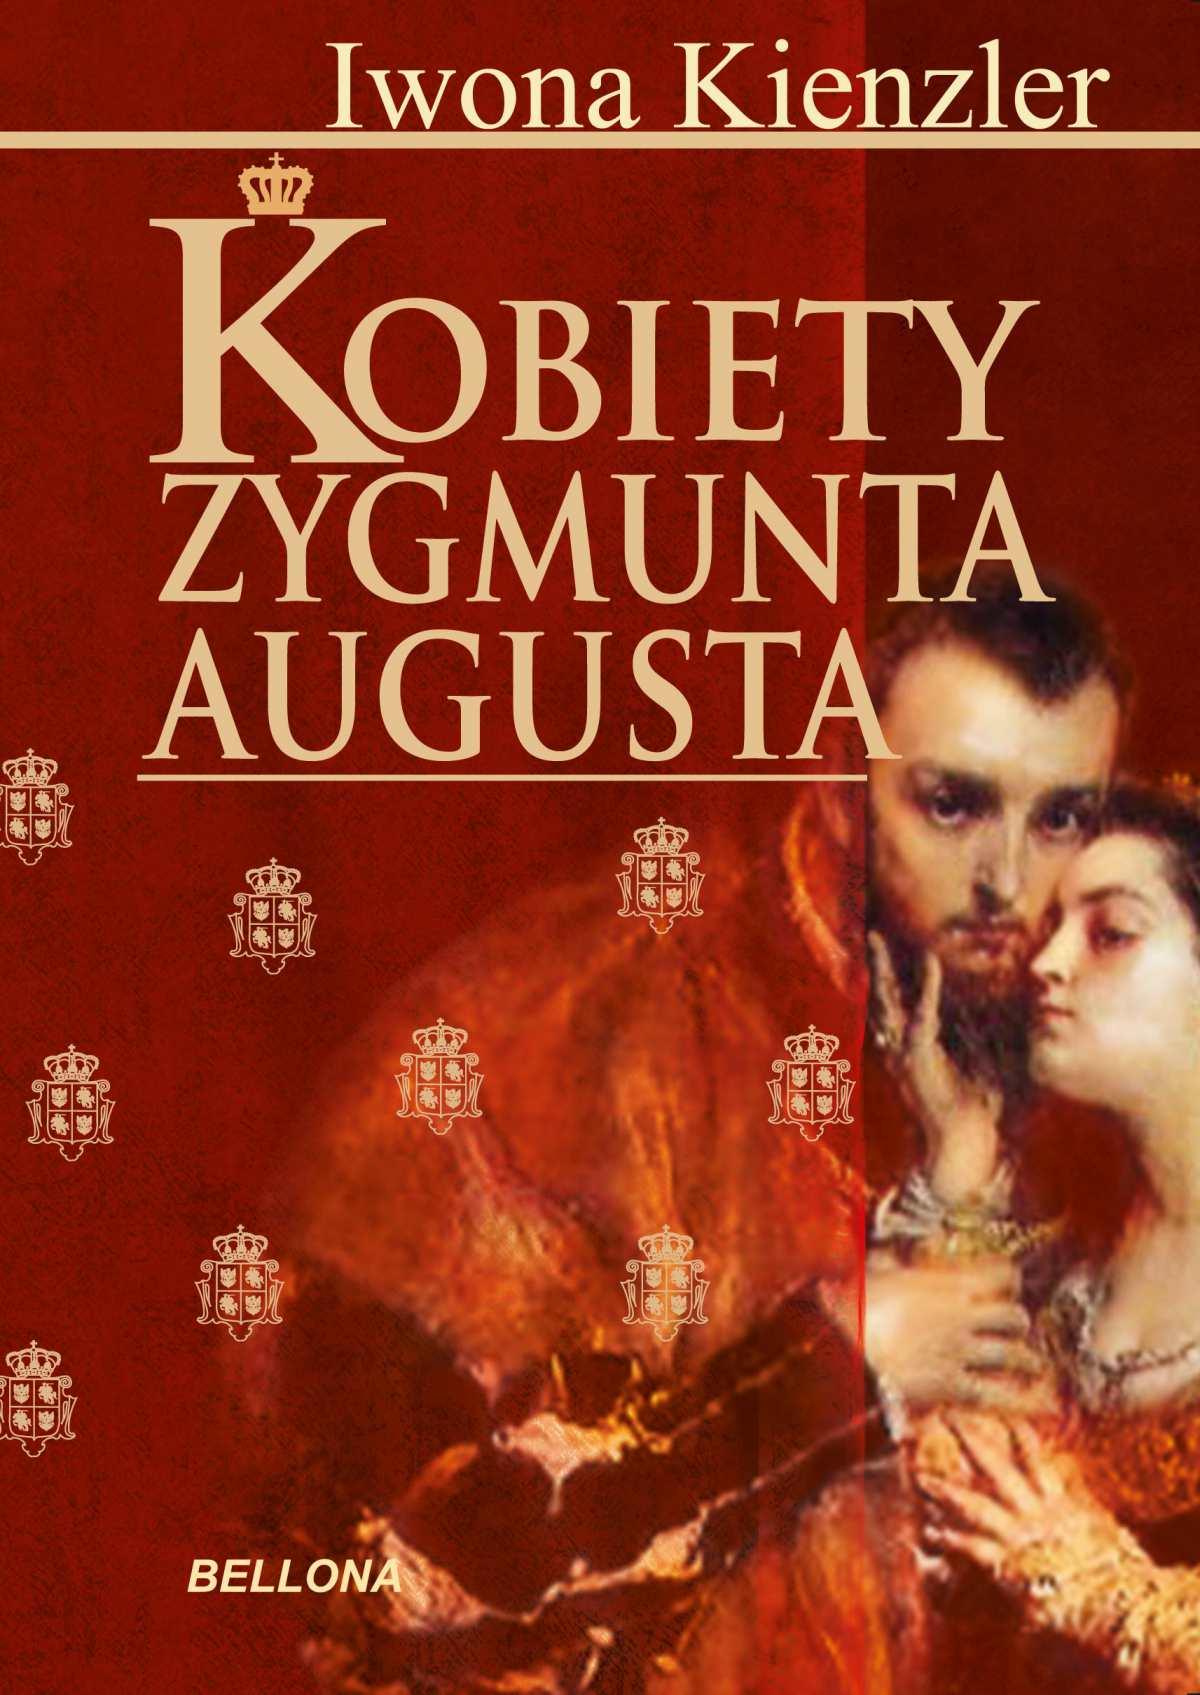 Kobiety Zygmunta Augusta - Ebook (Książka na Kindle) do pobrania w formacie MOBI